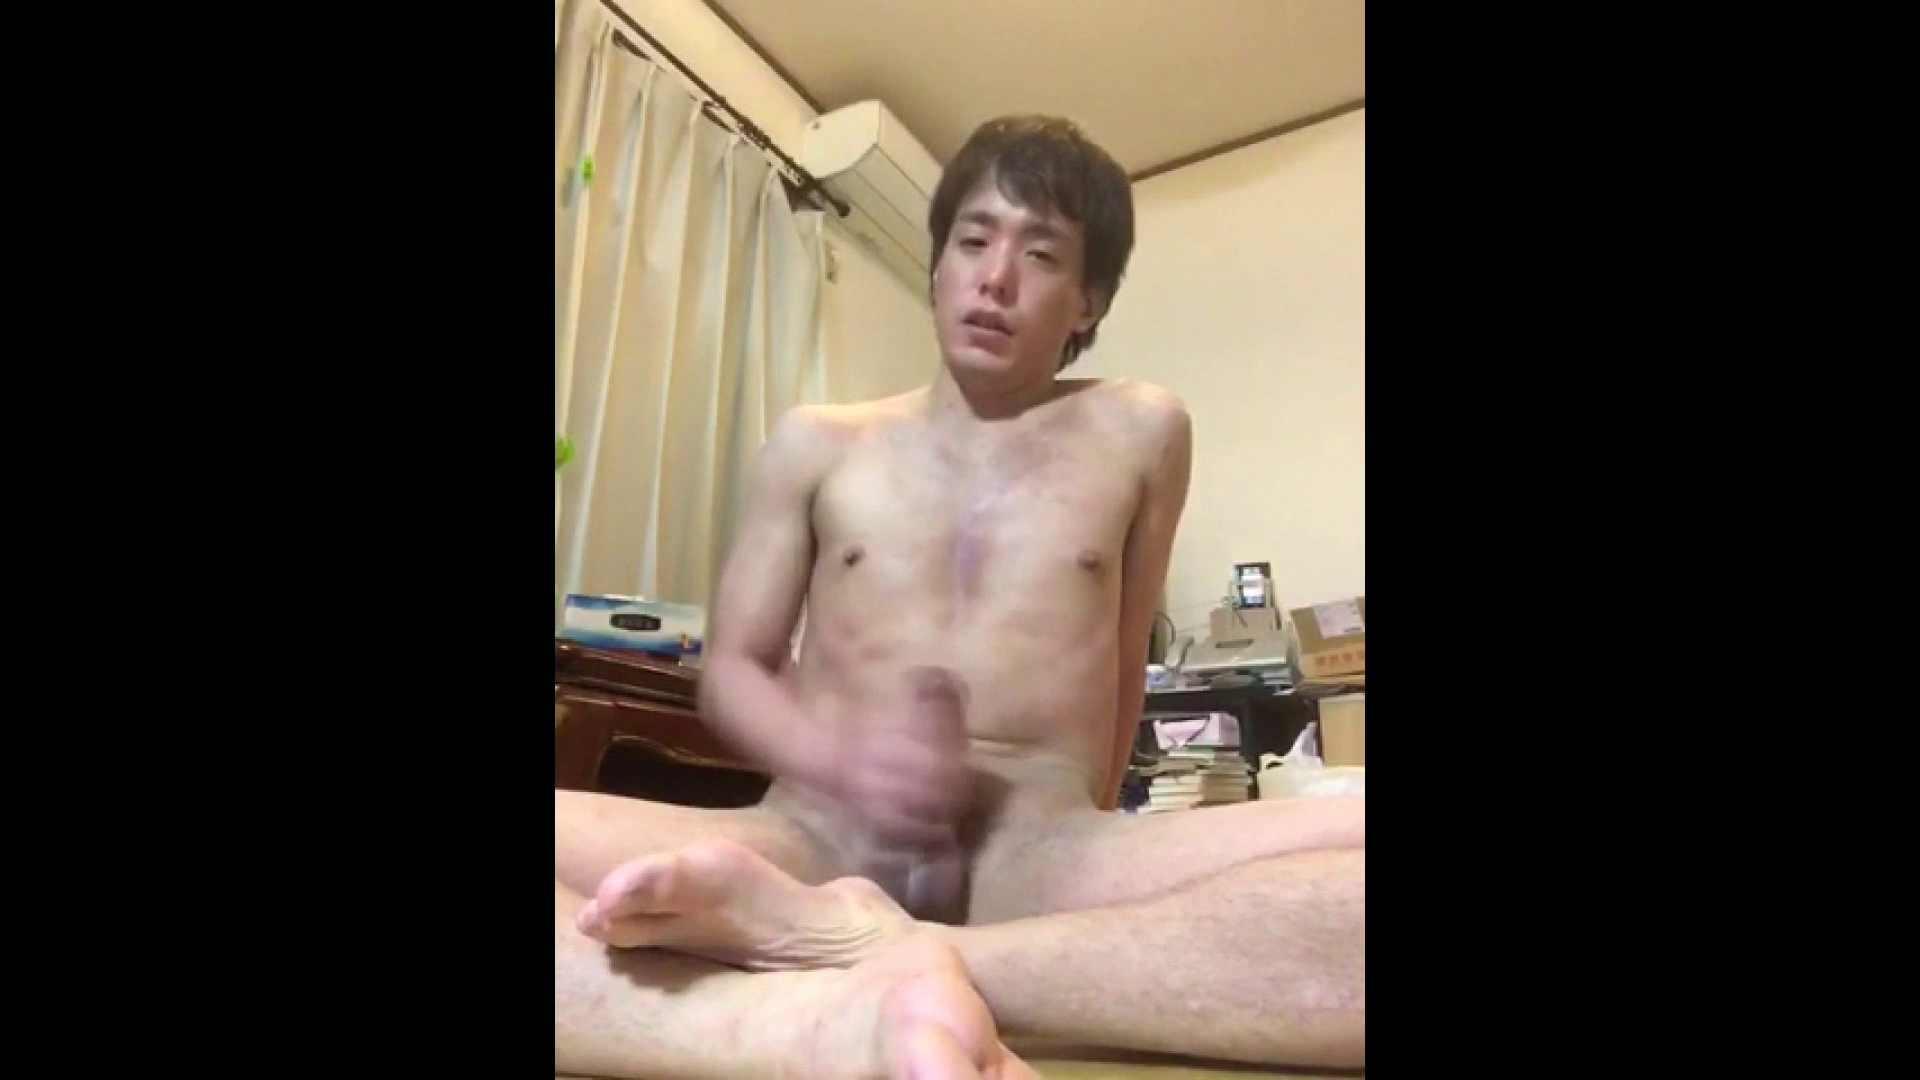 個人撮影 自慰の極意 Vol.30 お手で! ゲイ無料エロ画像 87pic 2